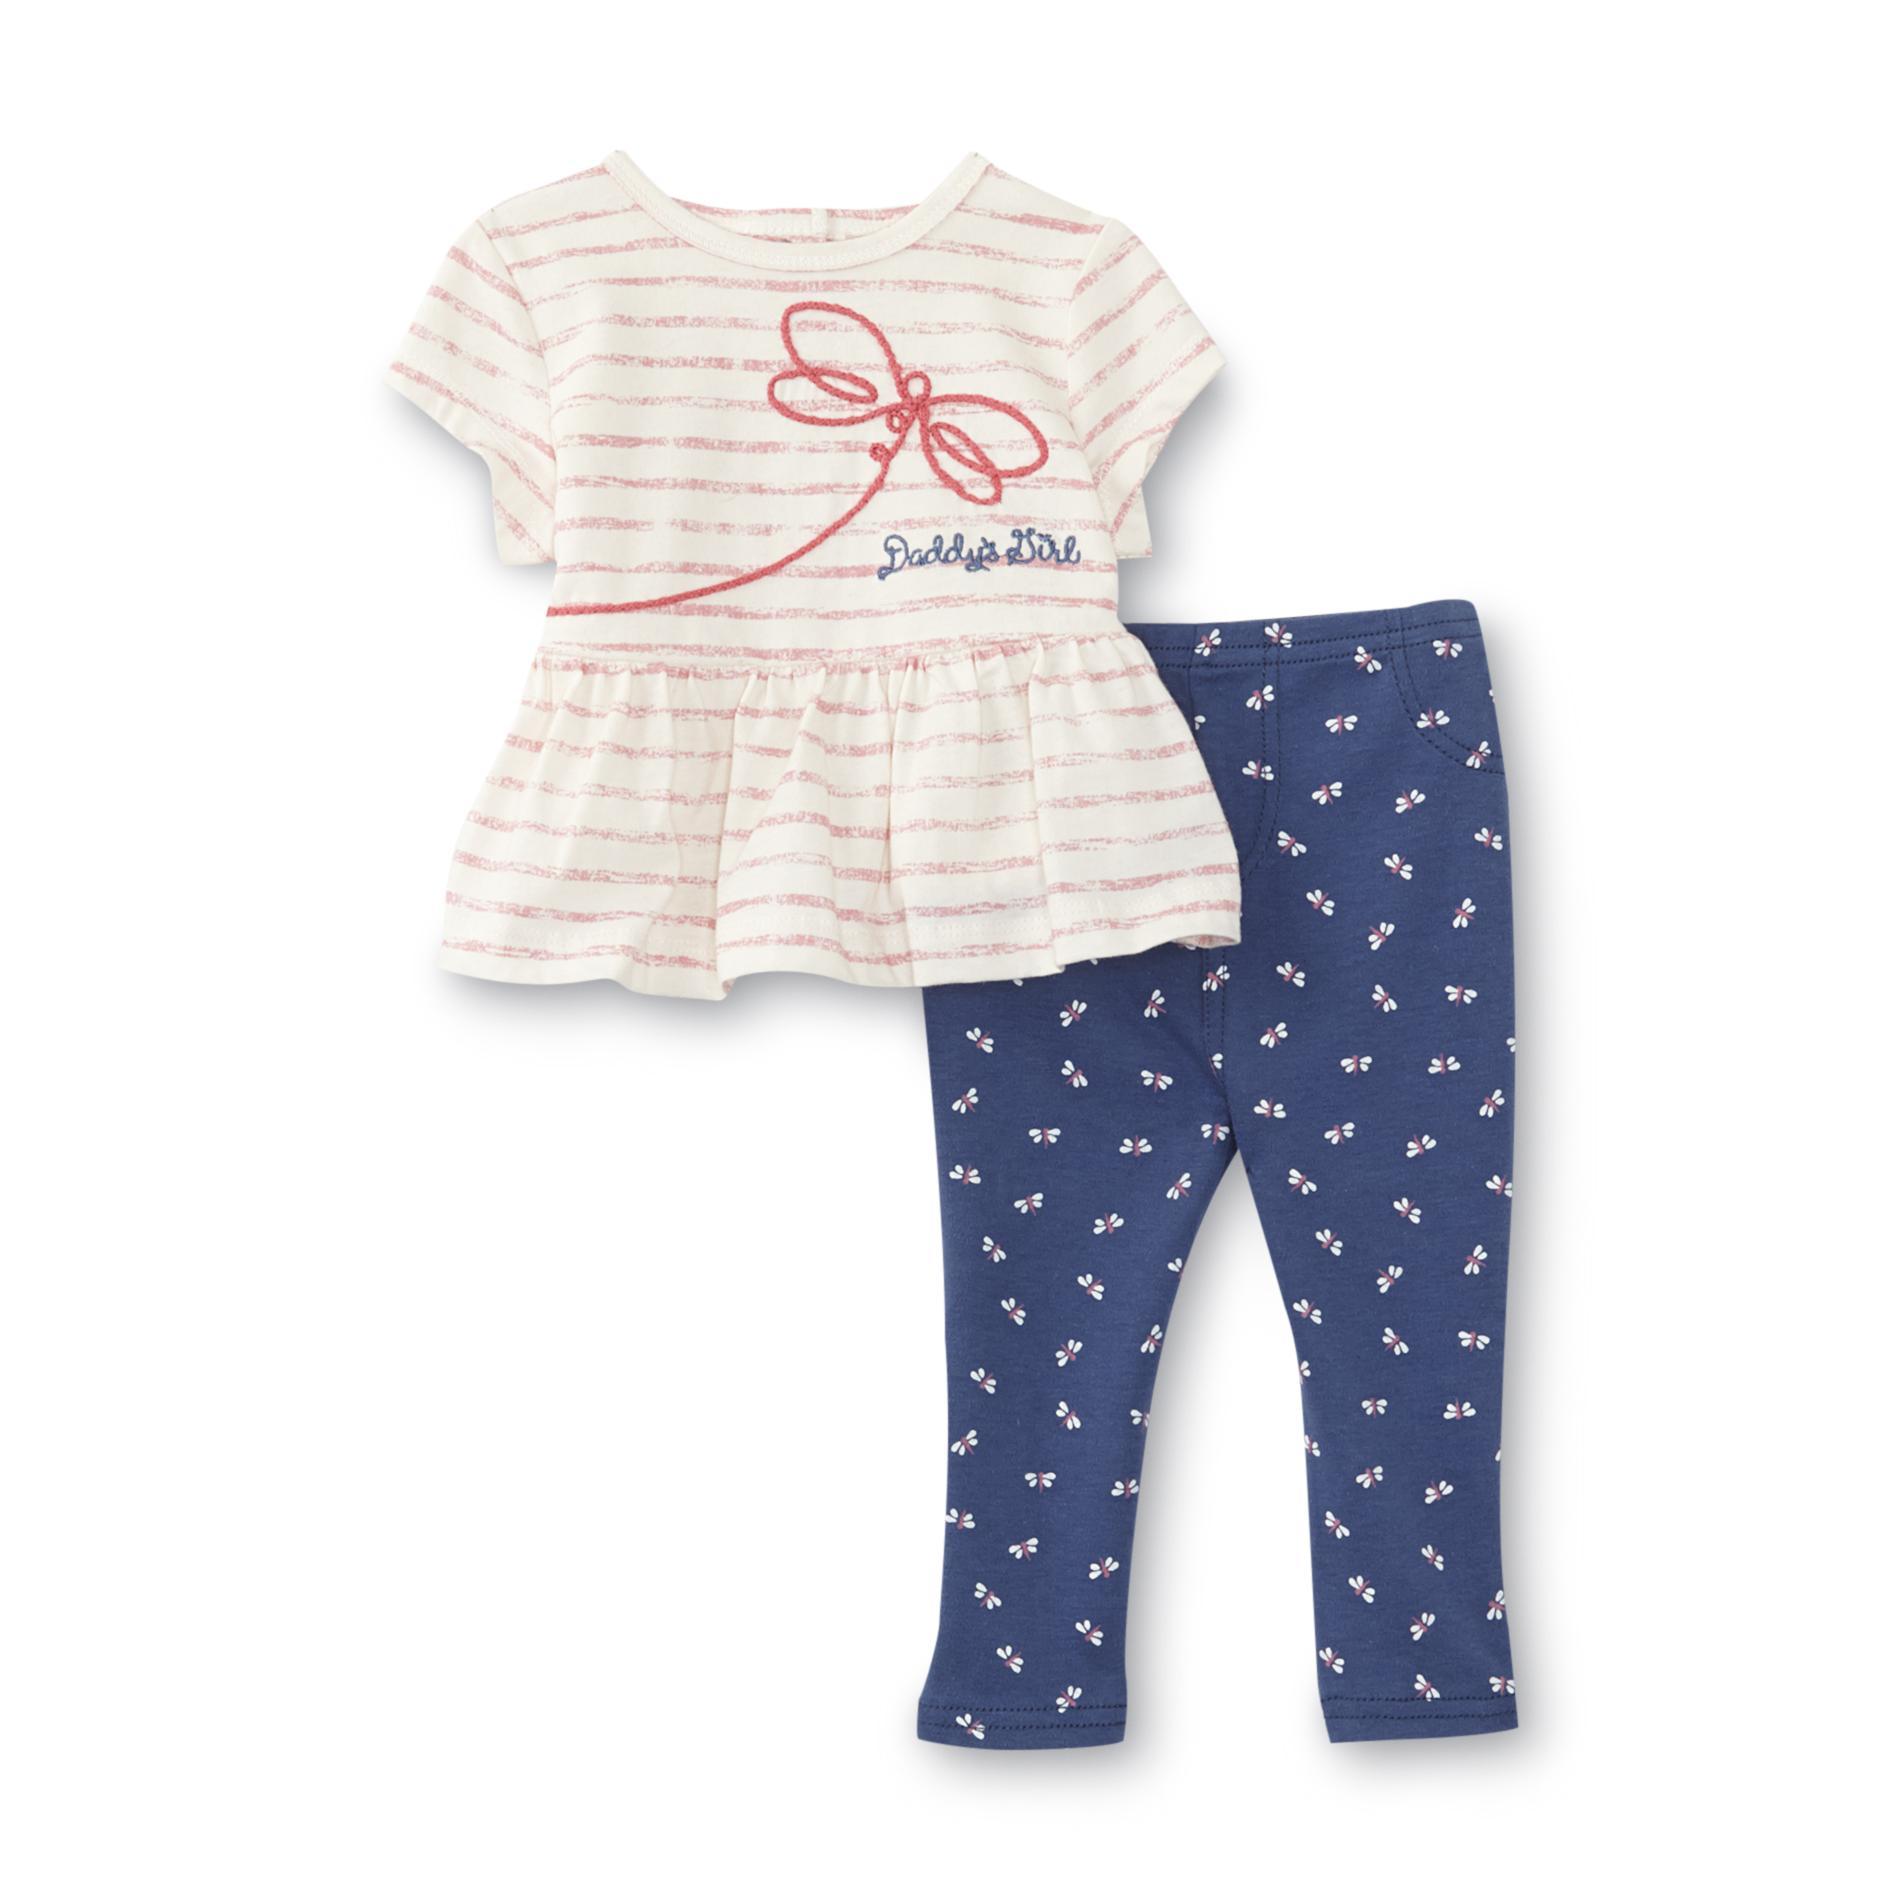 Little Wonders Newborn & Infant Girl's T-Shirt & Leggings - Striped & Dragonfly